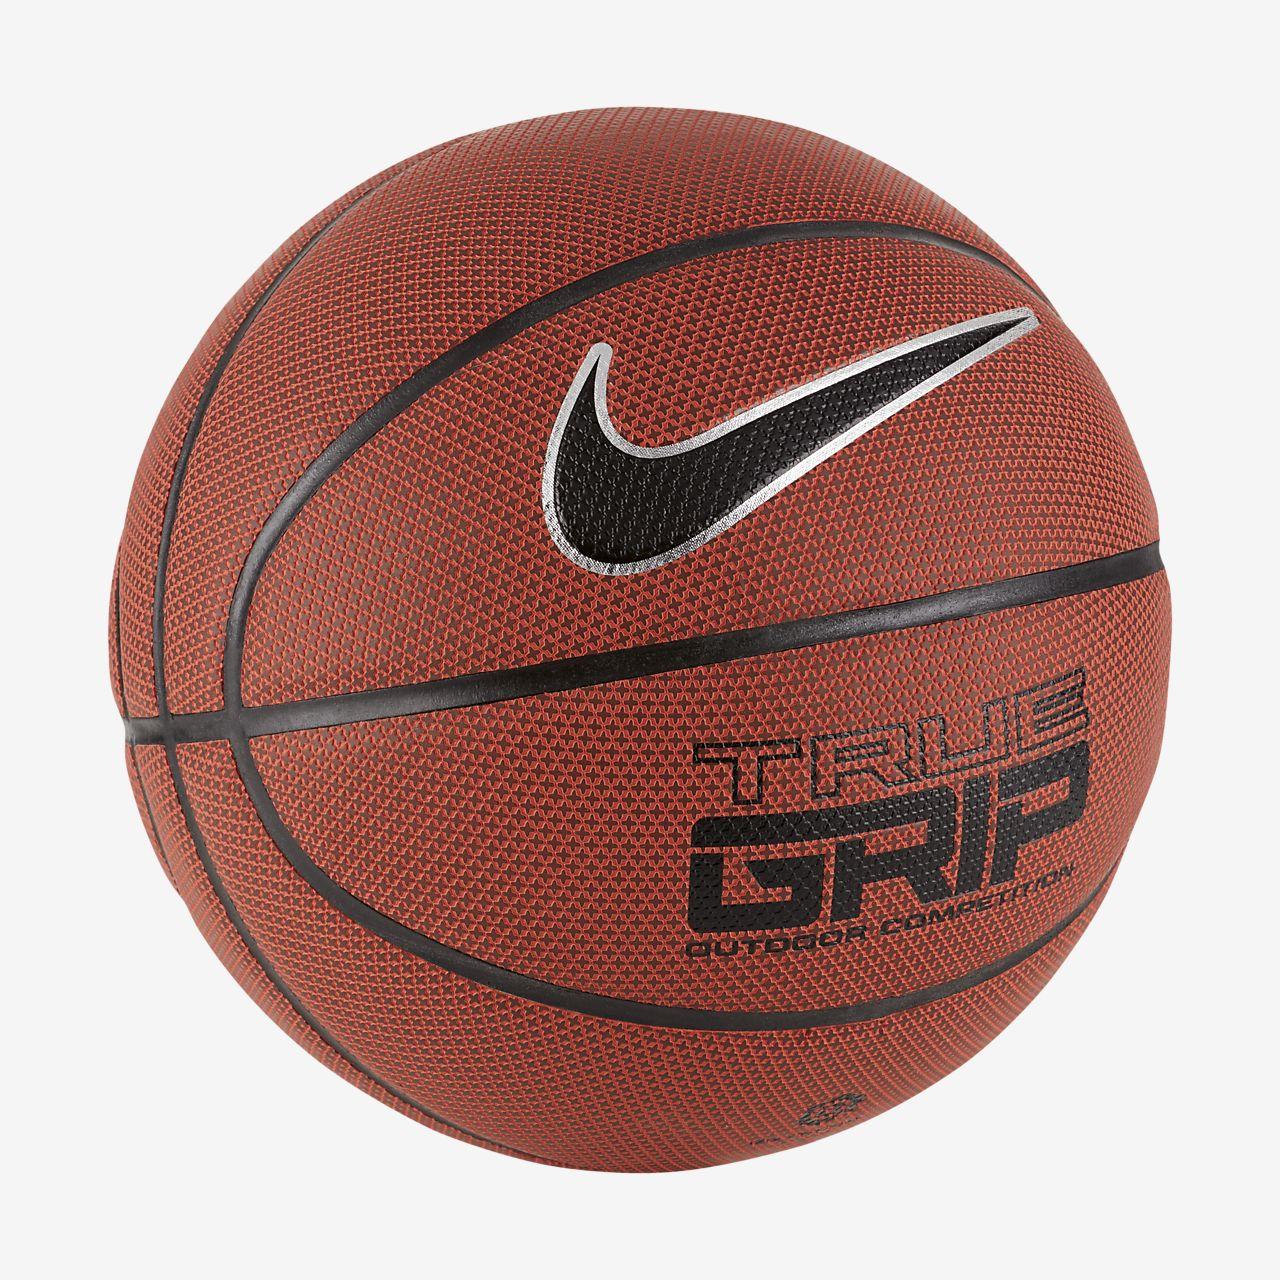 fcfbc457c Bola de basquetebol Nike True Grip Outdoor 8P. Nike.com PT